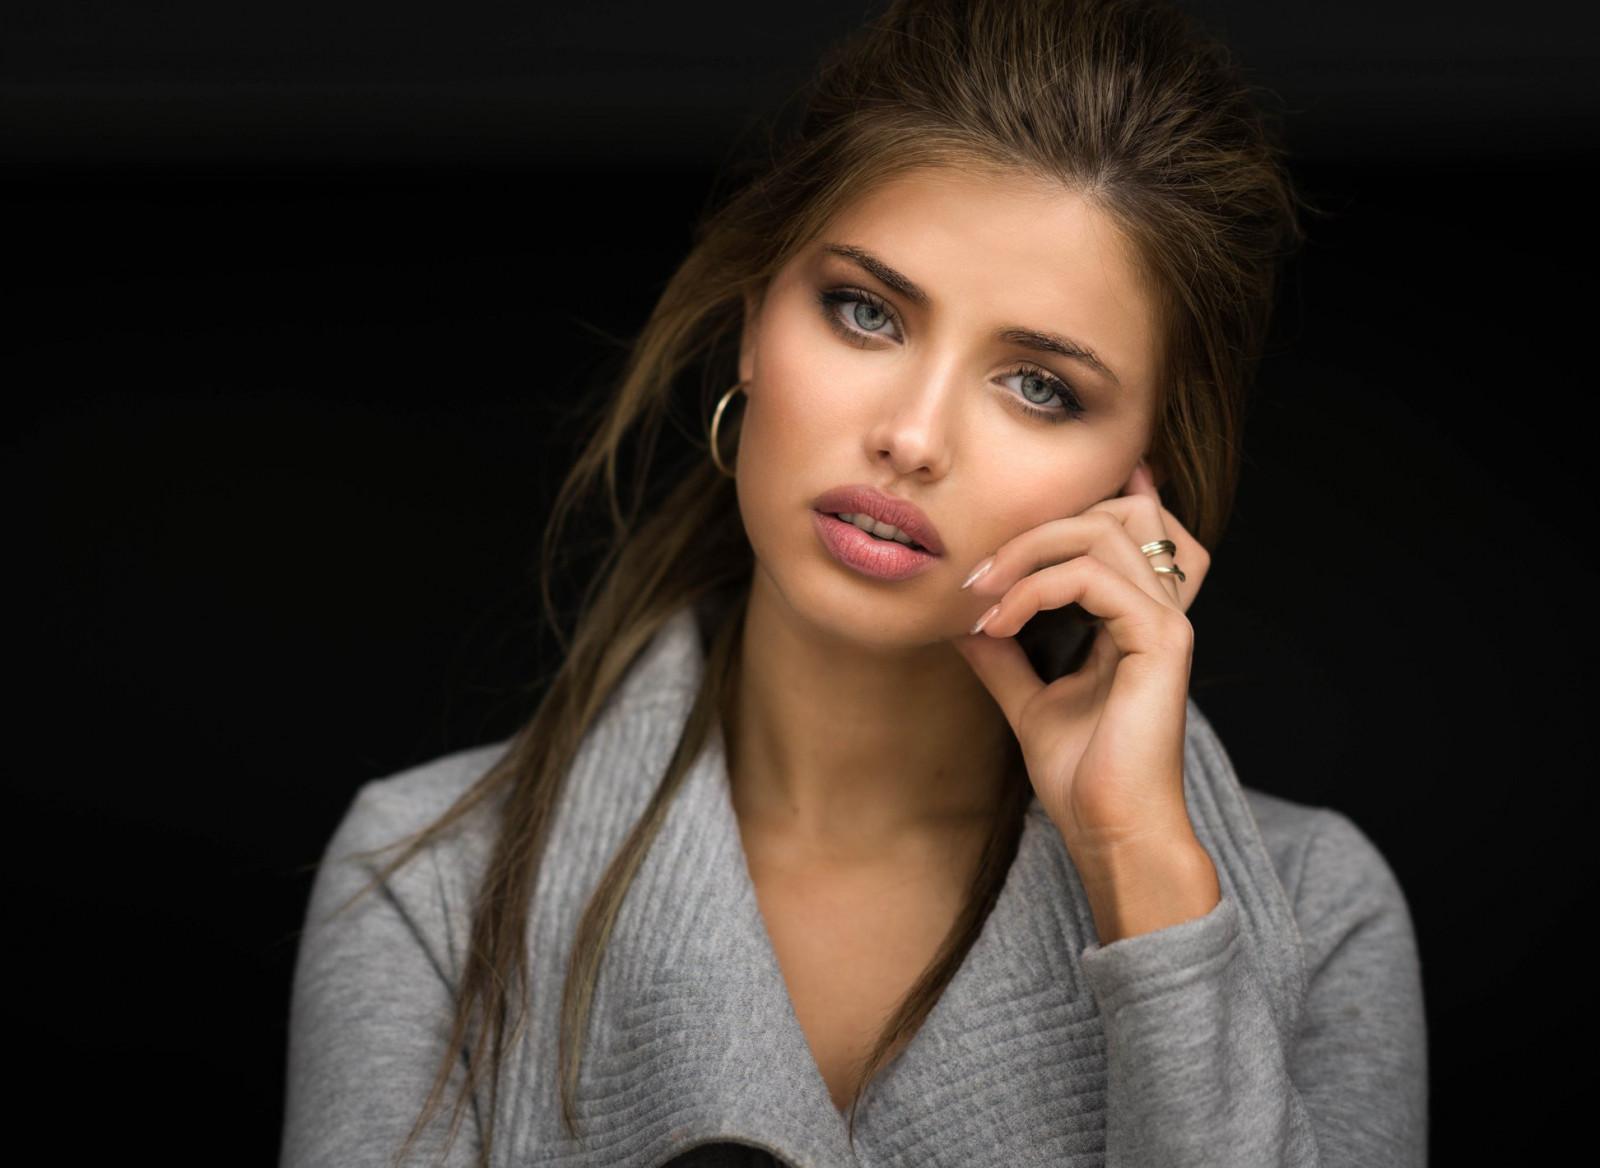 танцевала весь фото русских знаменитых девушек моделей был ласков